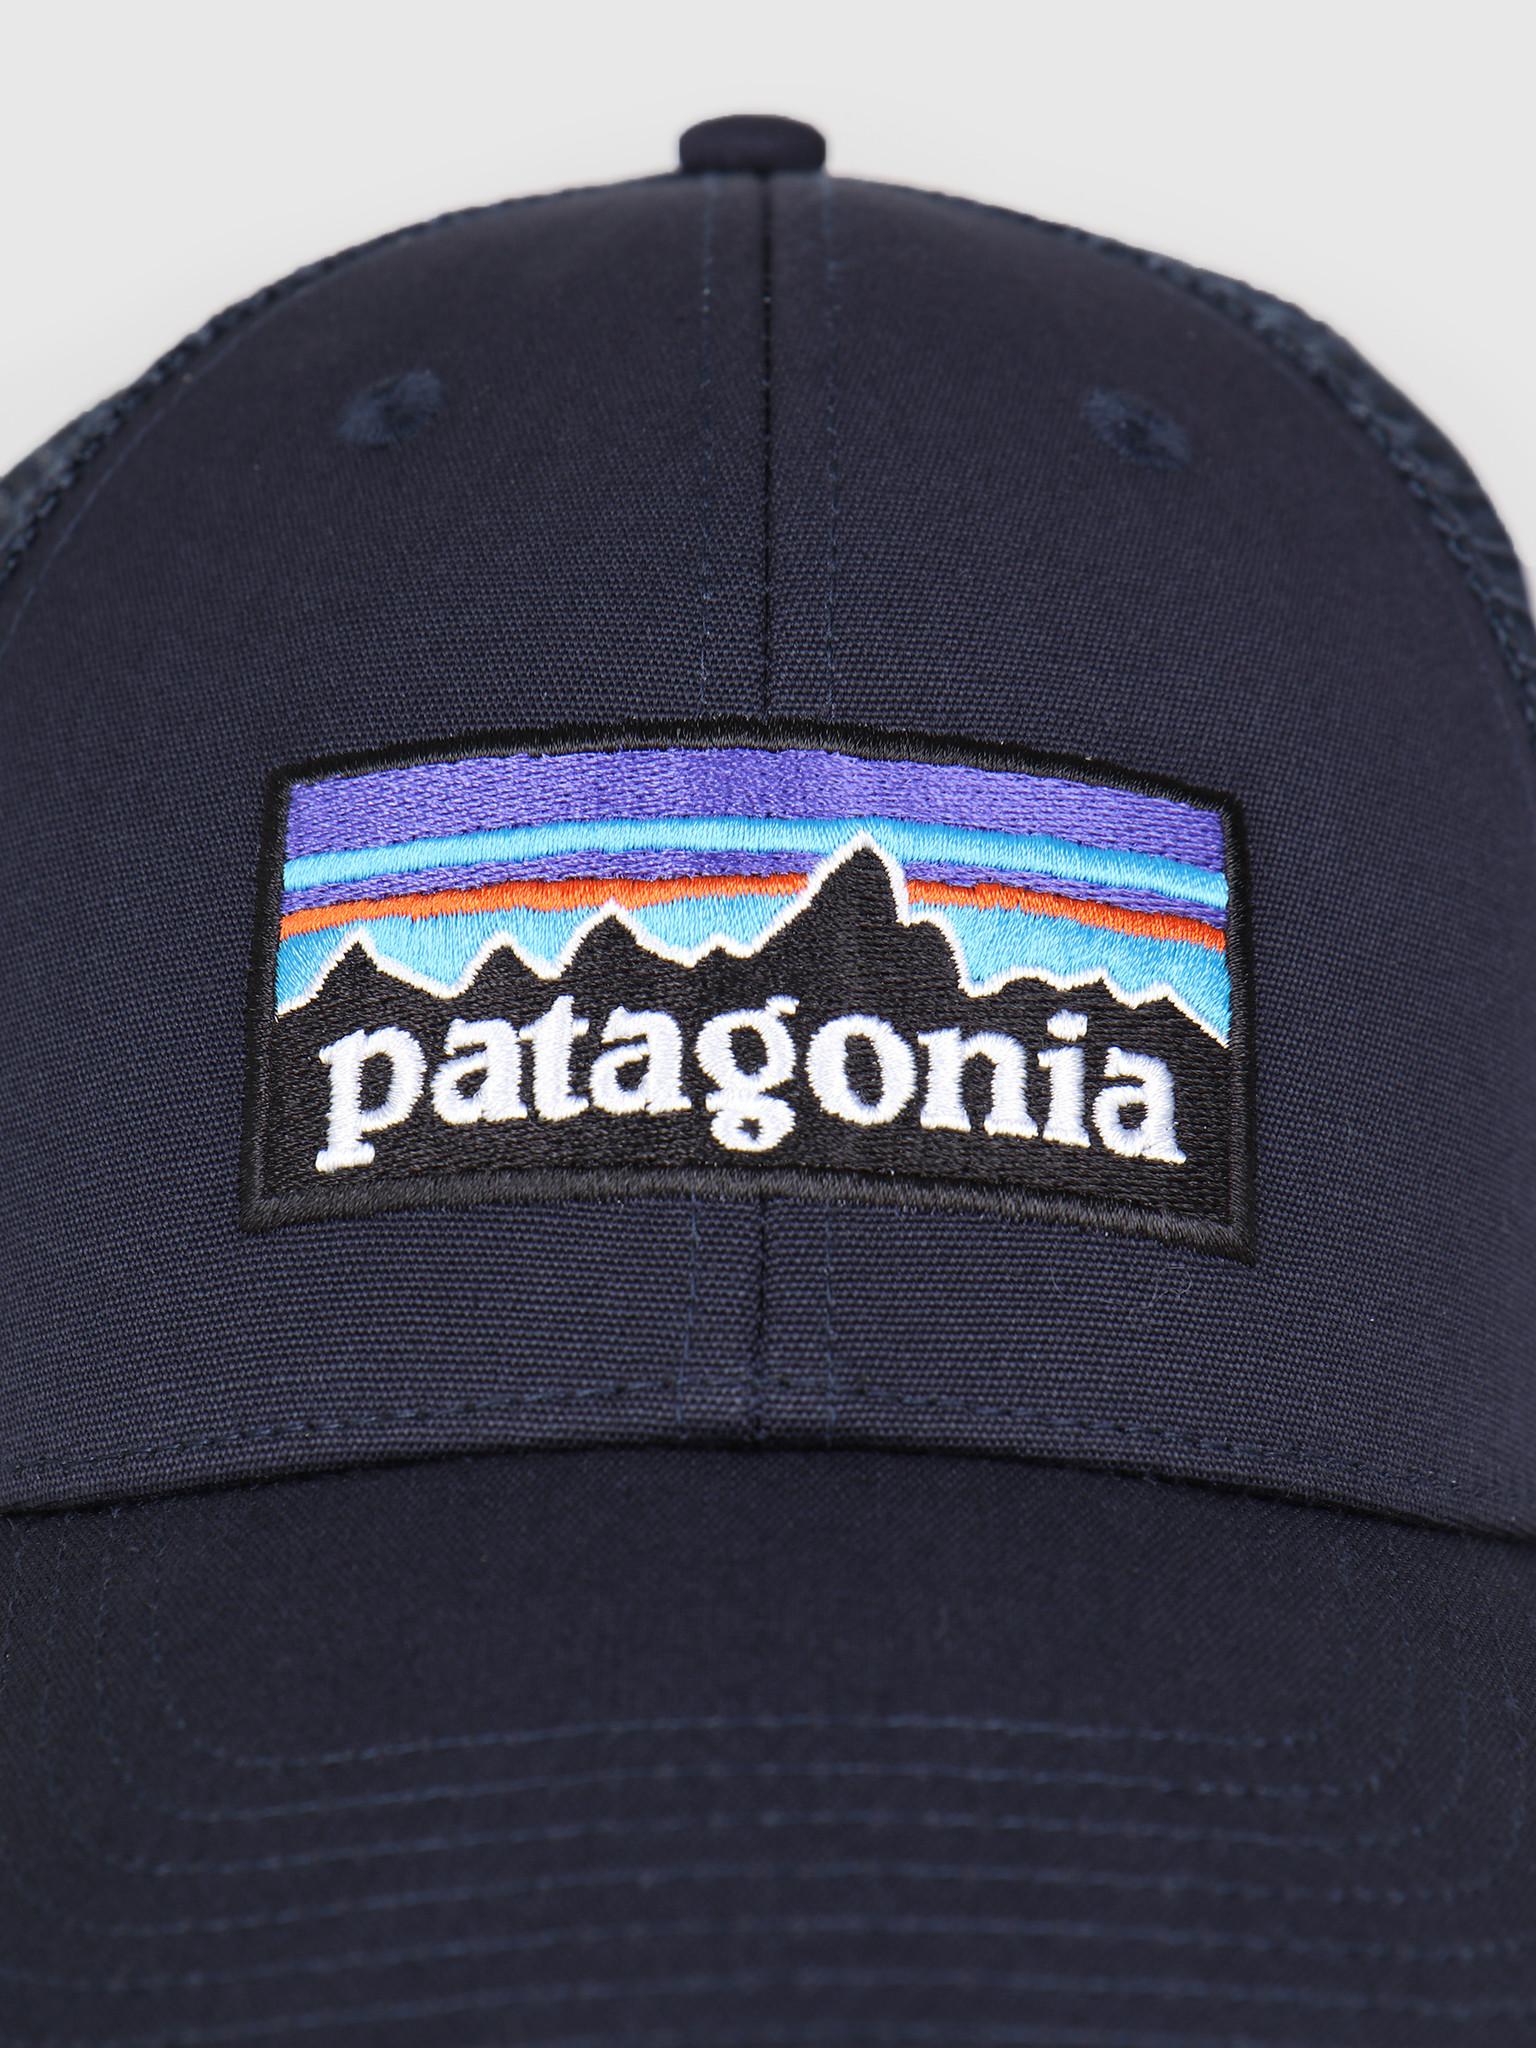 c3debf54c95 Patagonia Patagonia P 6 Logo LoPro Trucker Hat Navy Blue w Navy Blue 38016